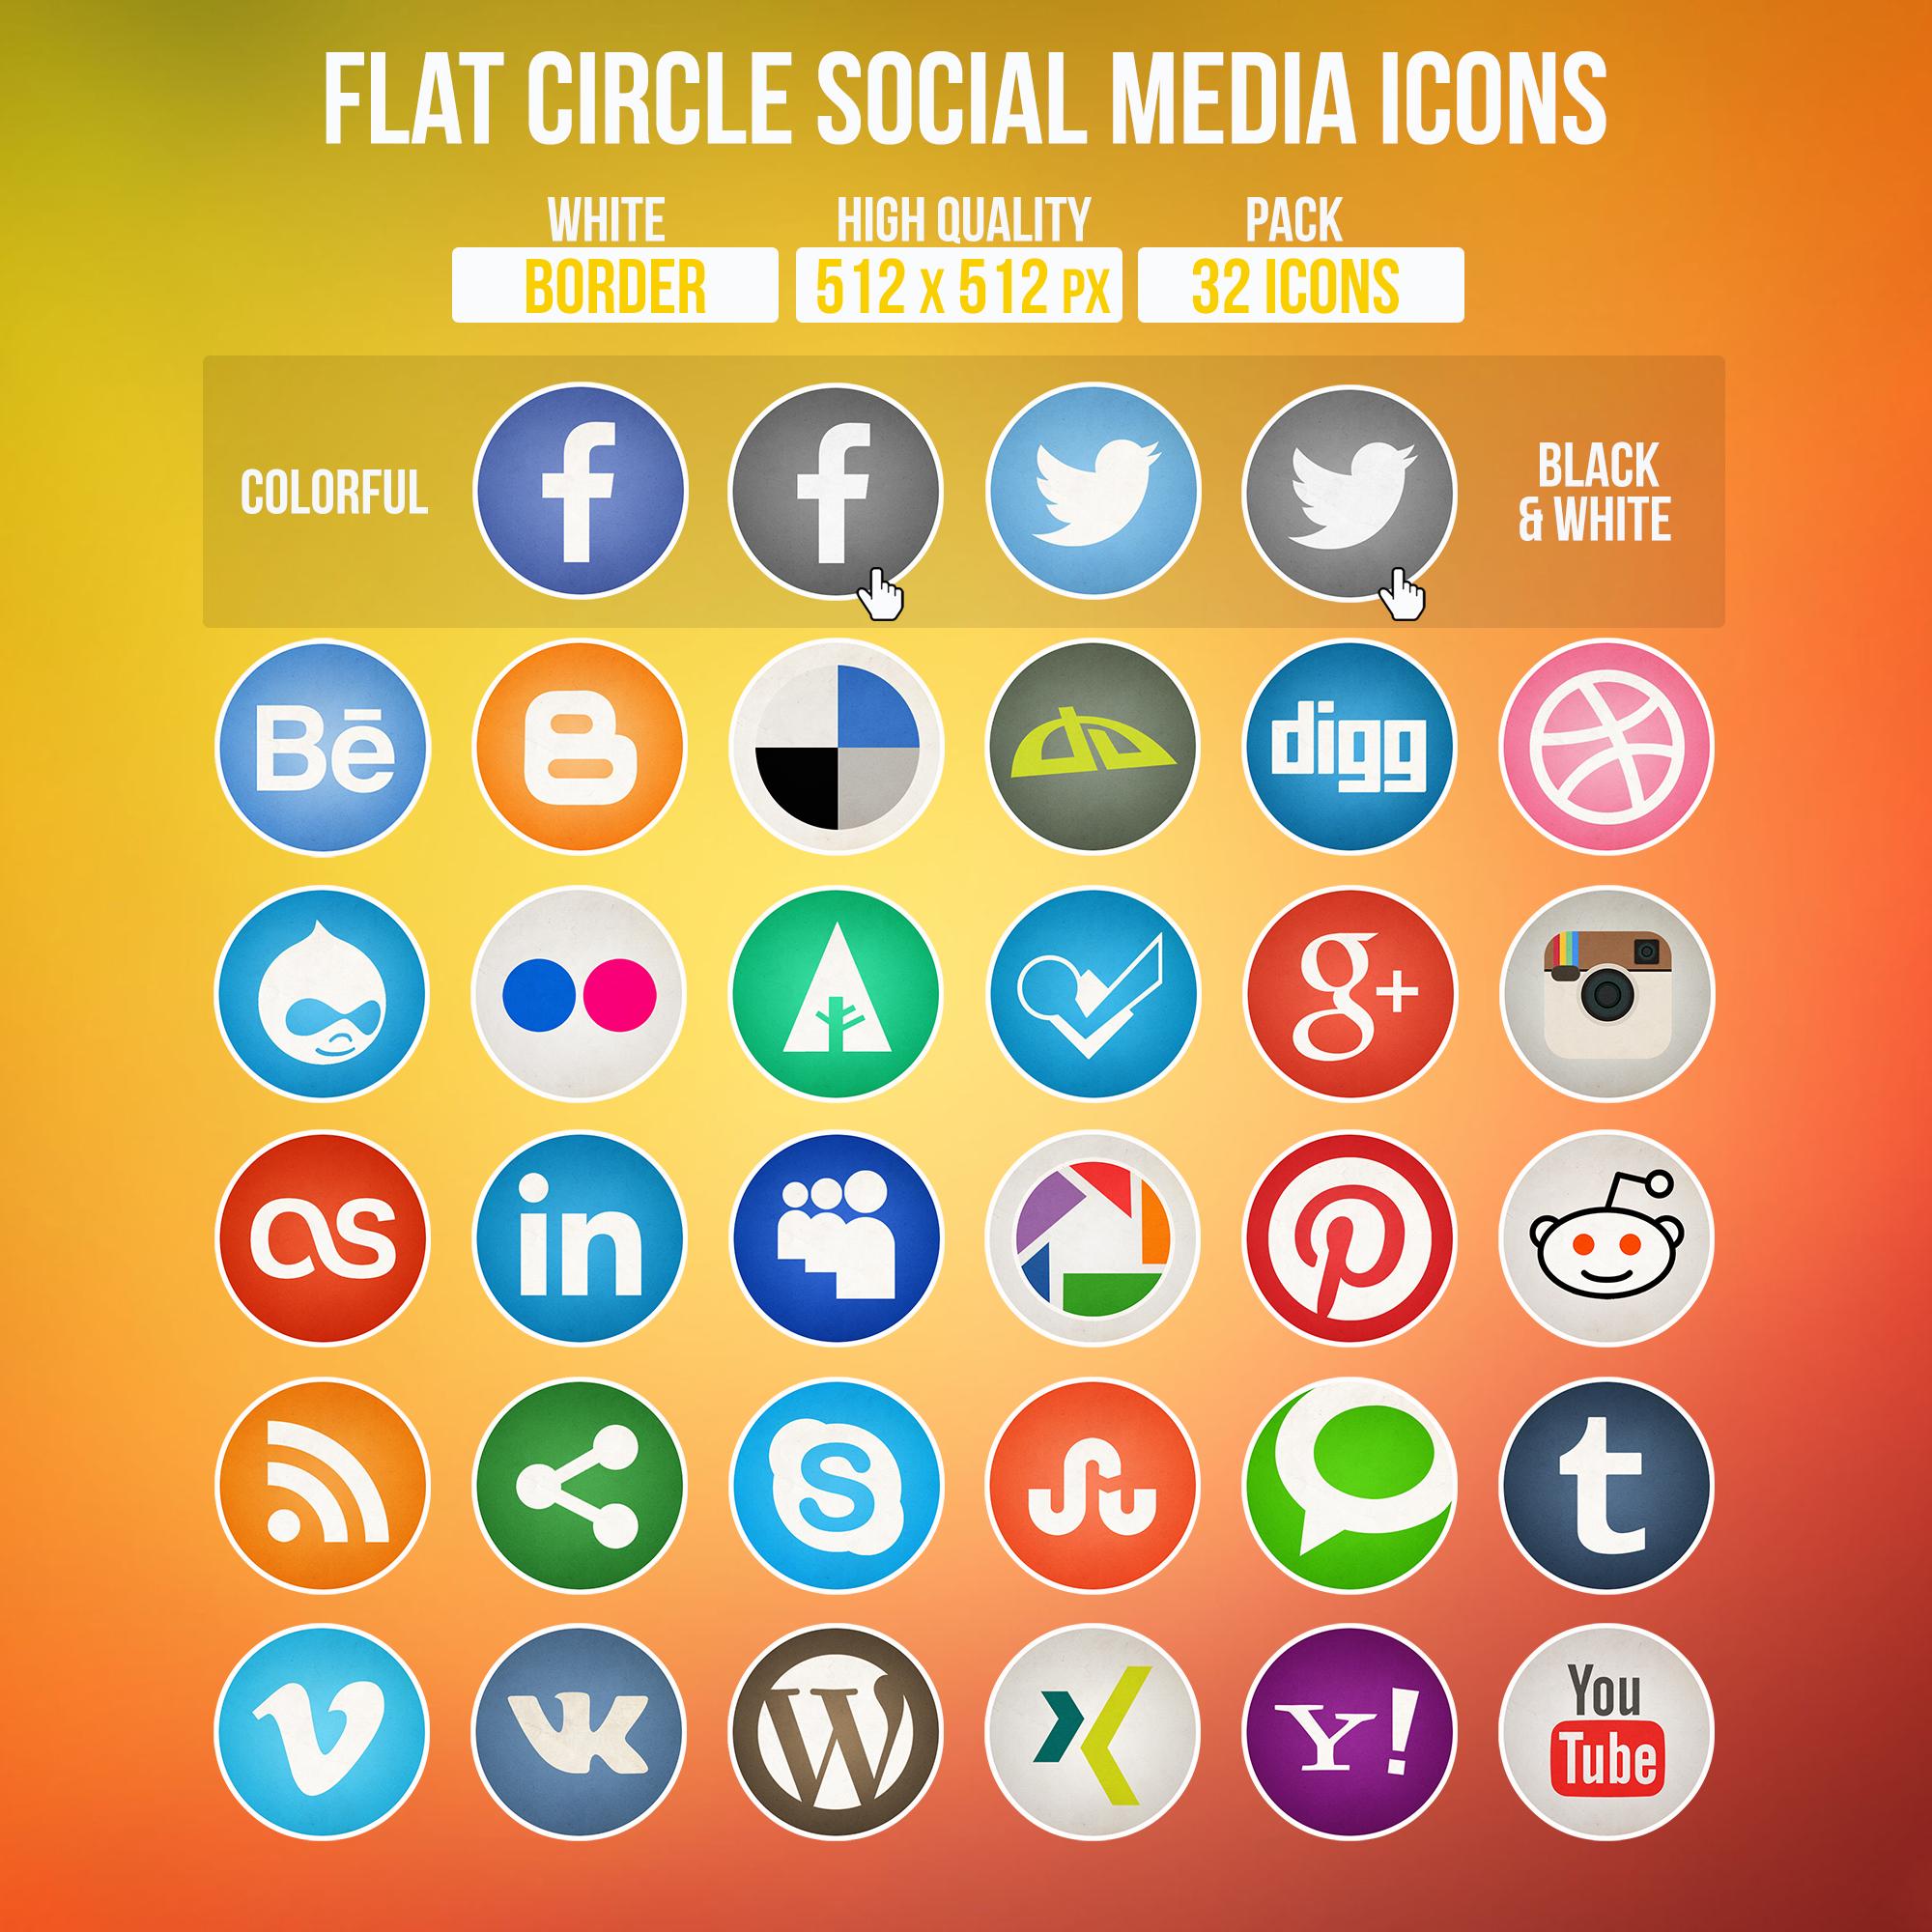 Flat Circle Social Media Icons